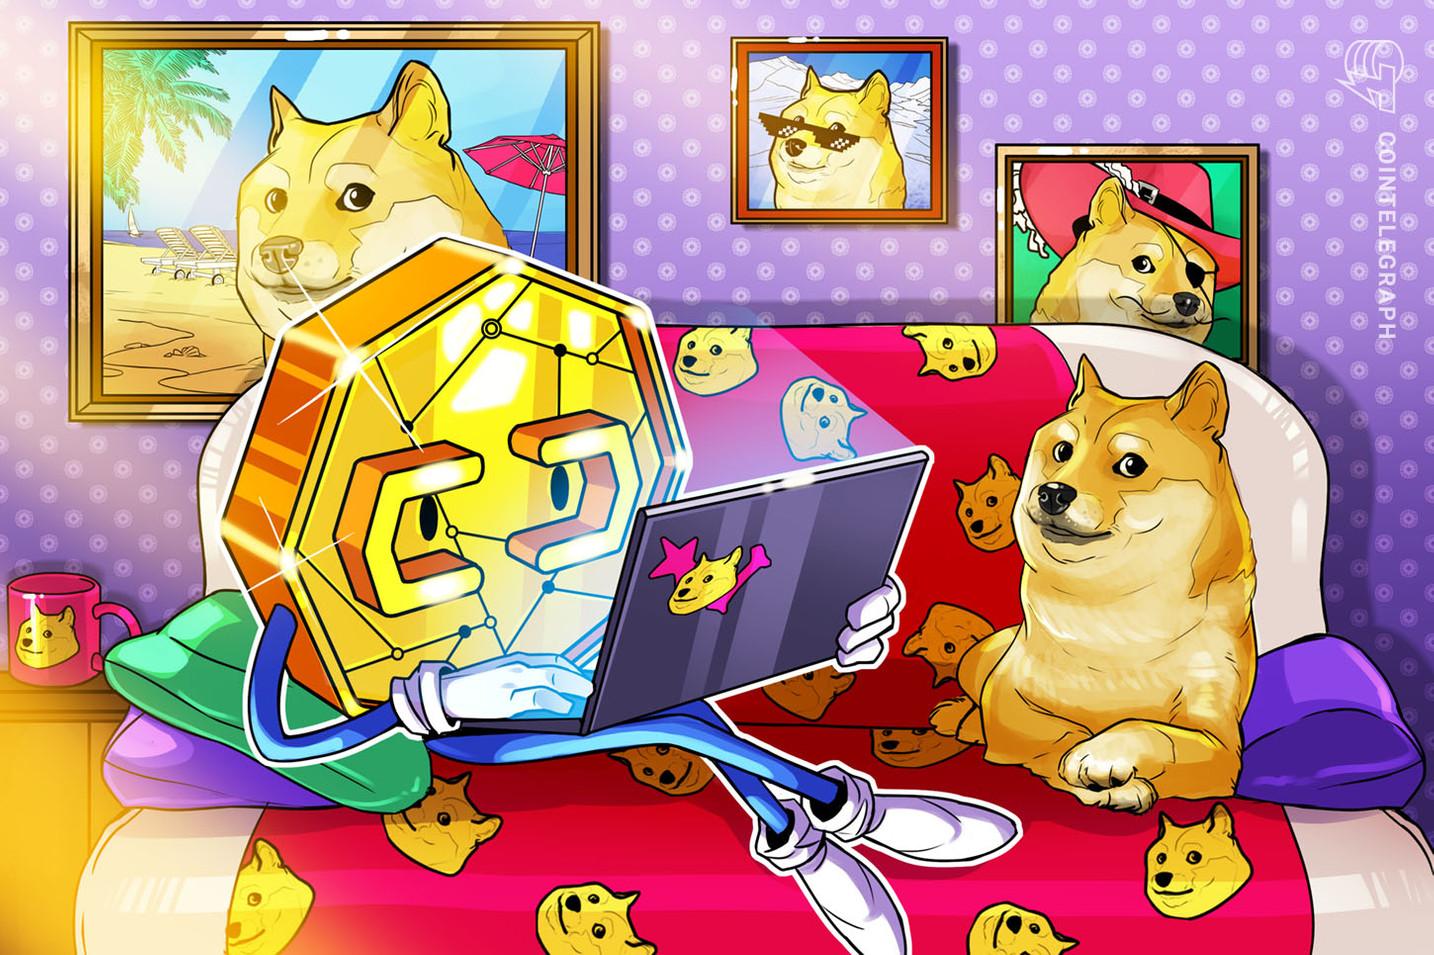 Ödüllü modelin Dogecoin (DOGE) itirafı fiyatı uçurdu!